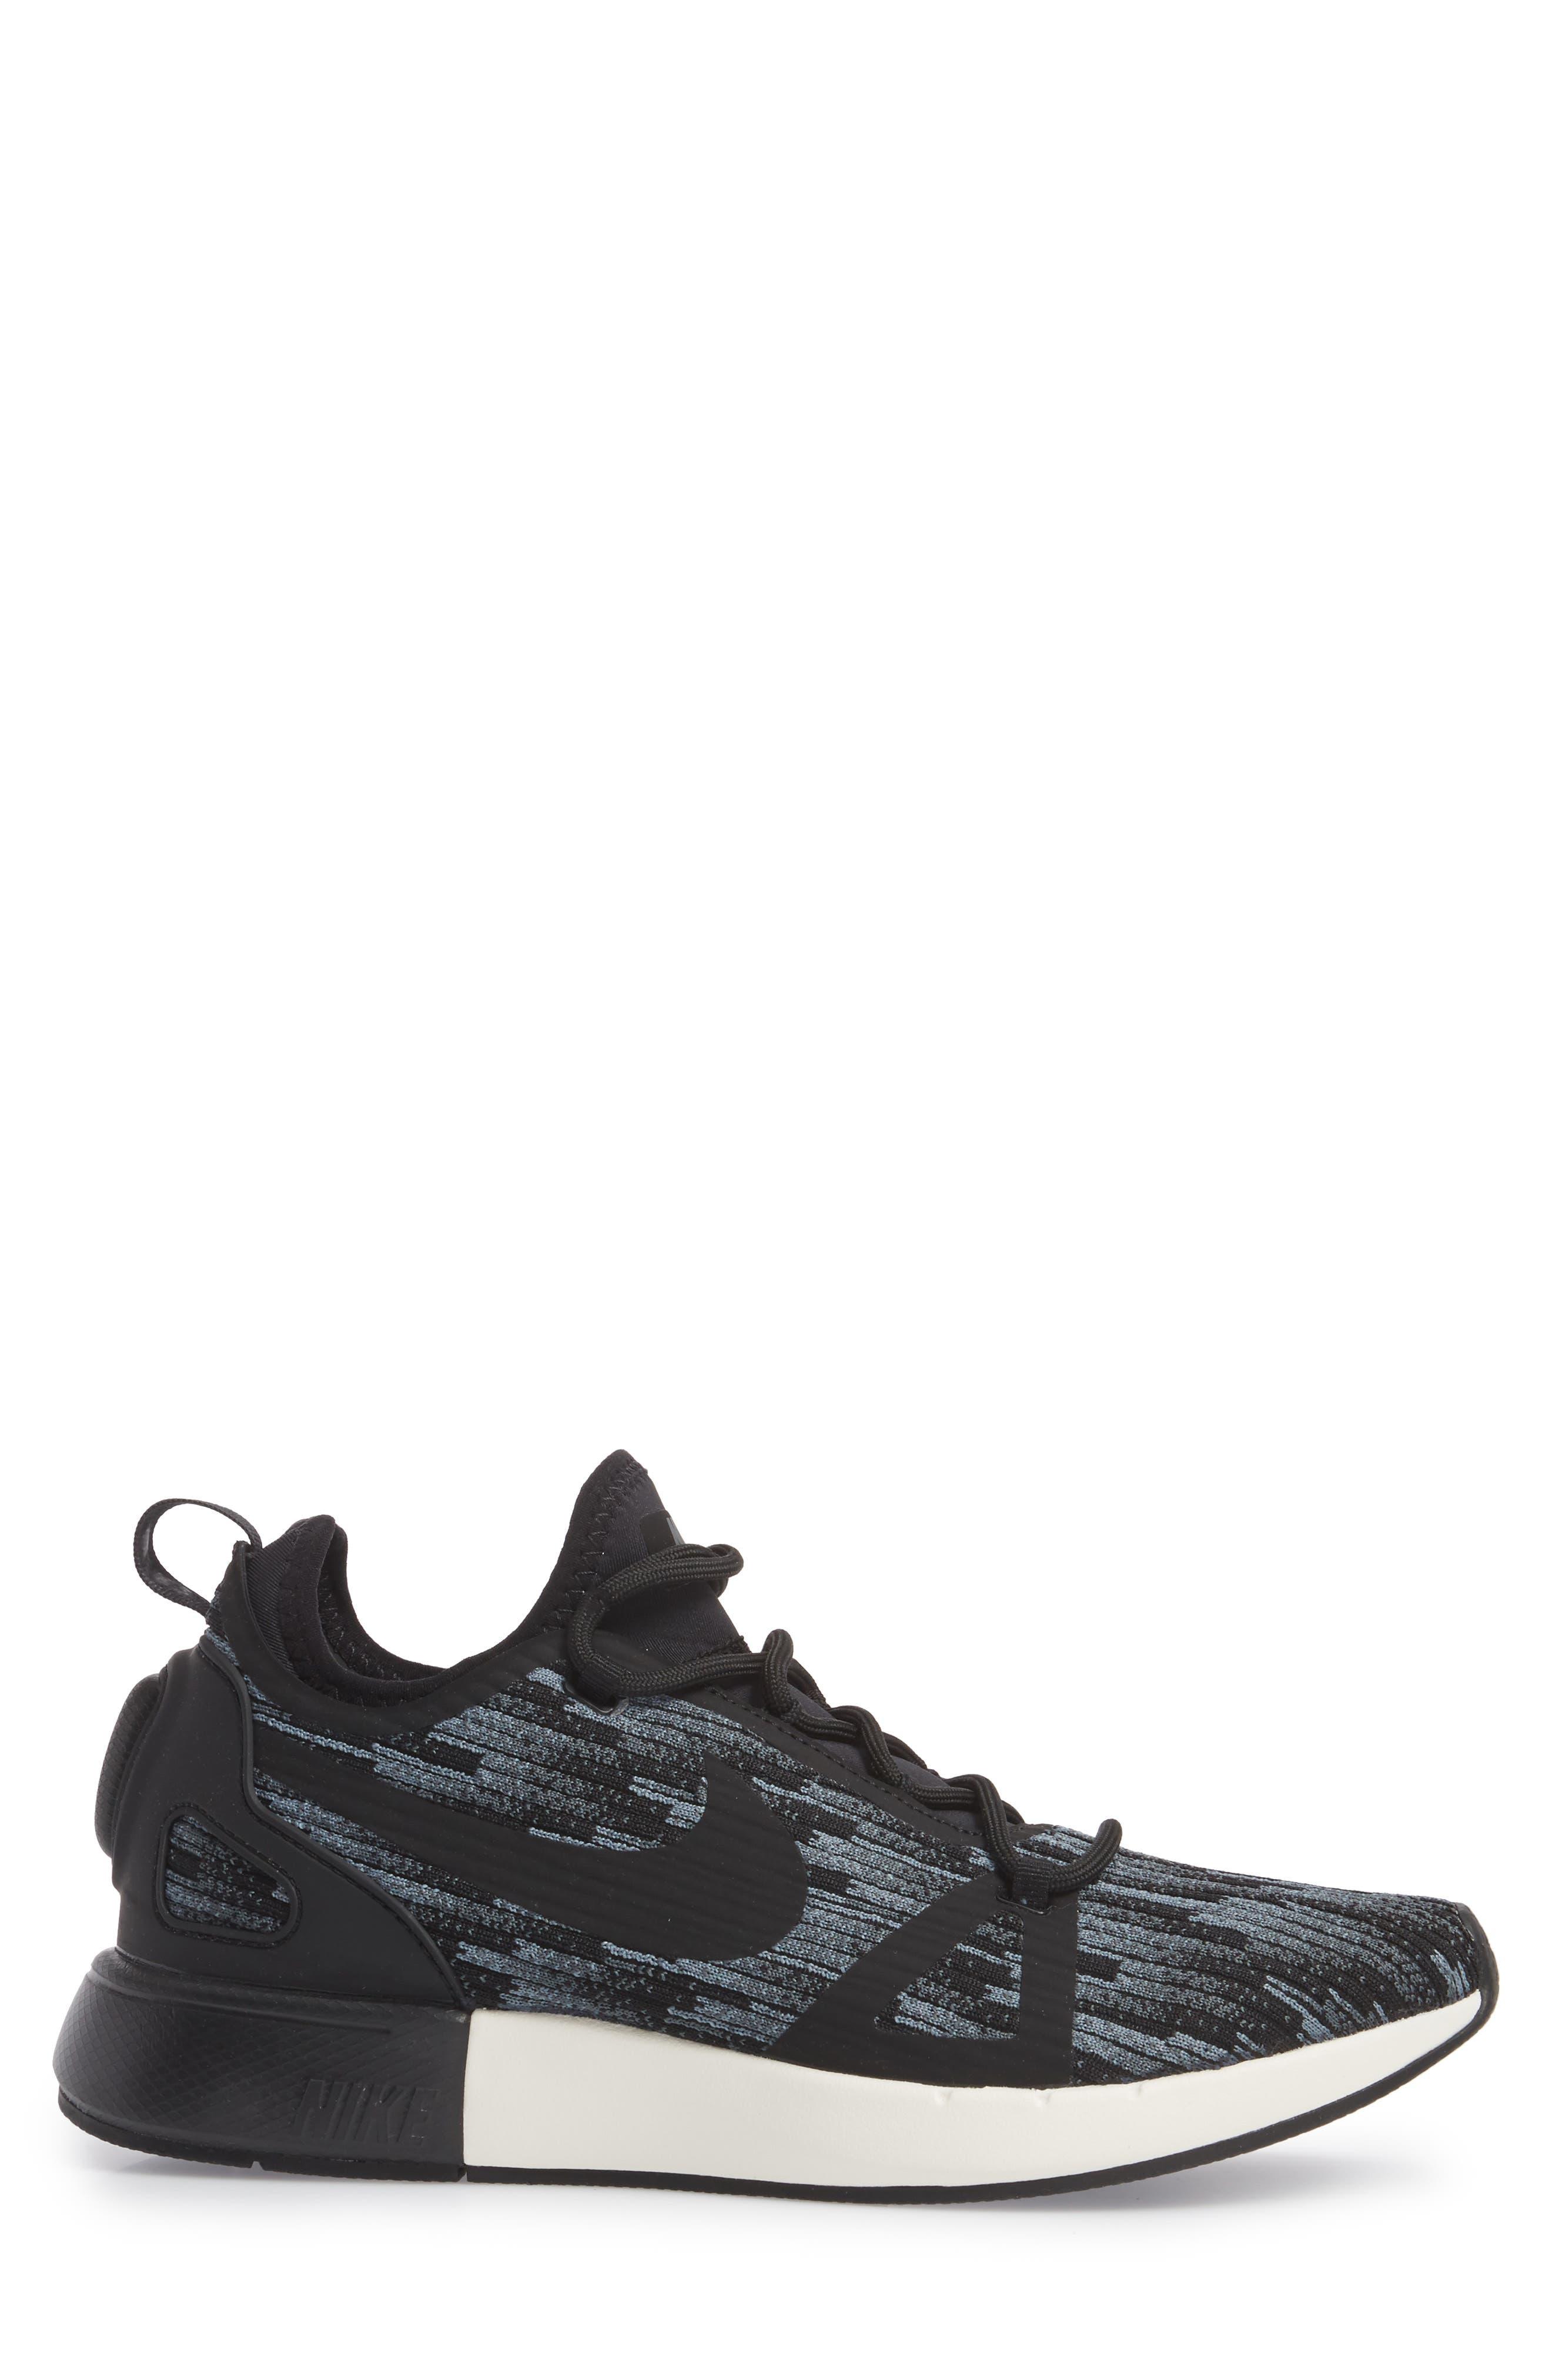 Duel Racer SE Knit Sneaker,                             Alternate thumbnail 3, color,                             020